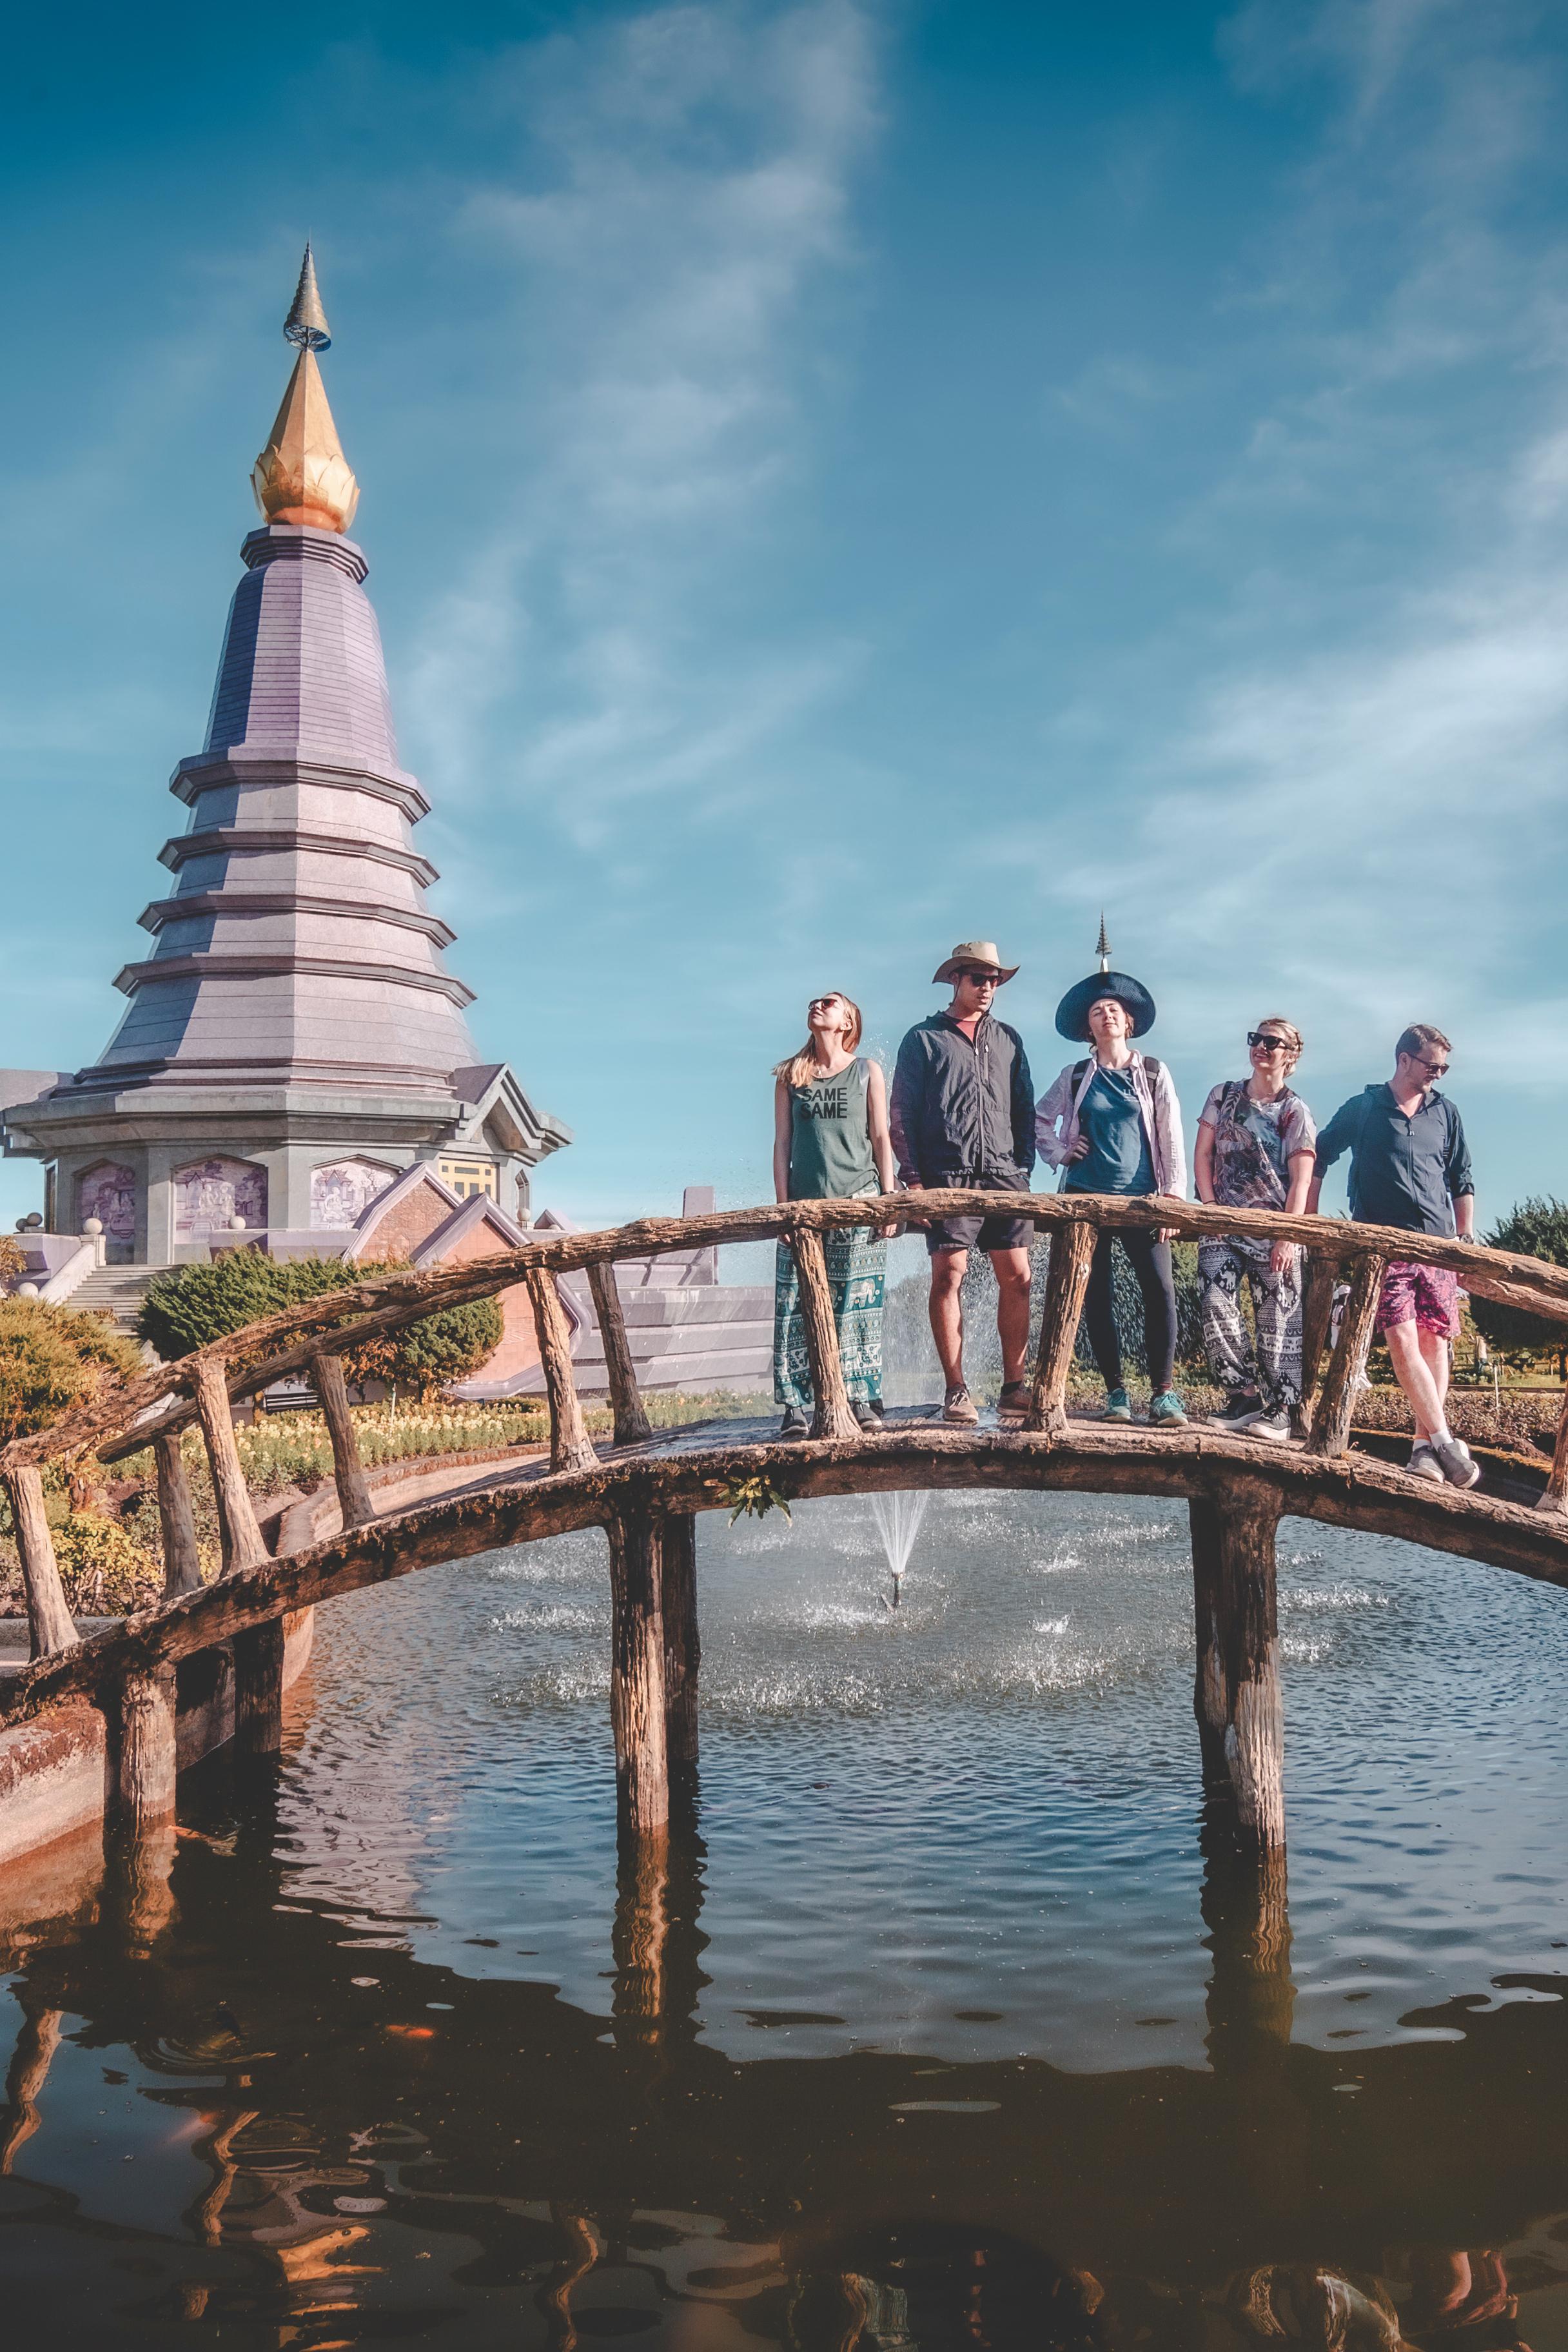 Twin pagoda & The gang